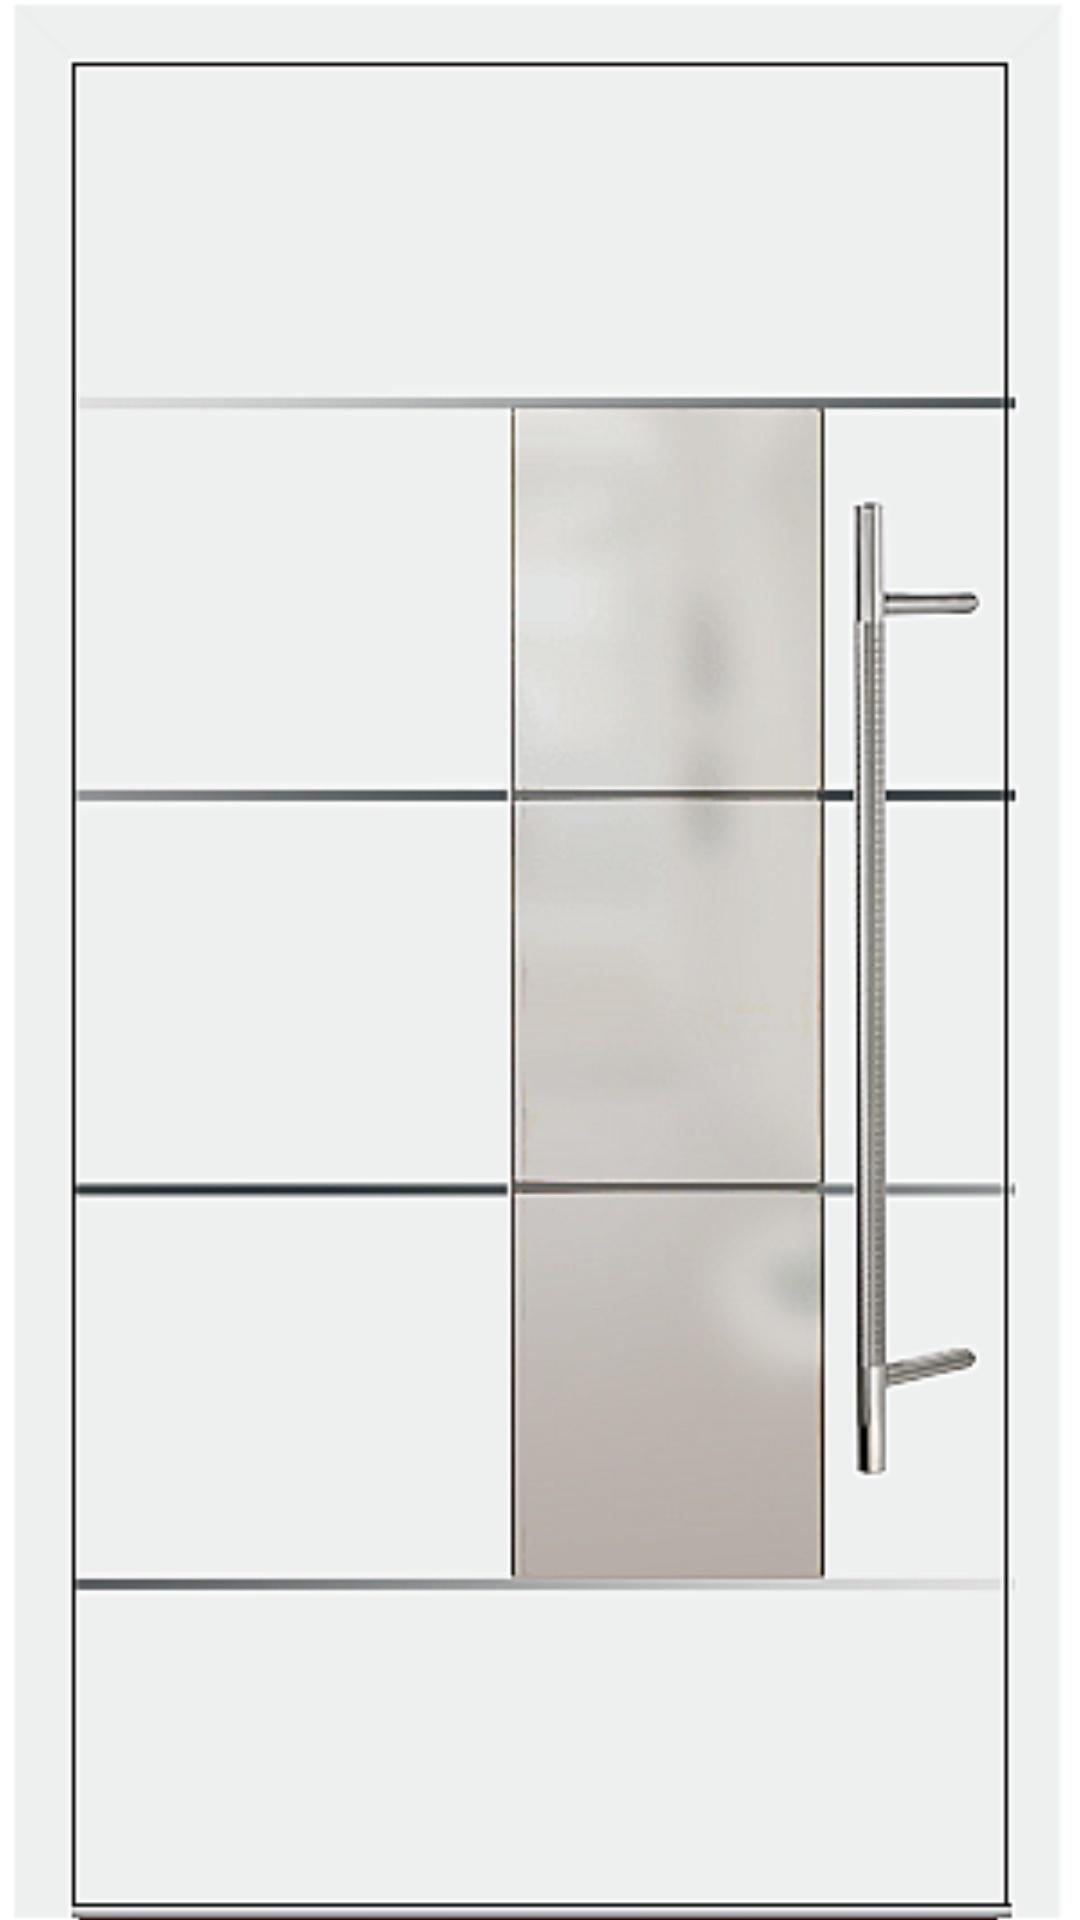 Kunststoff Haustür Modell 6878-54 weiß